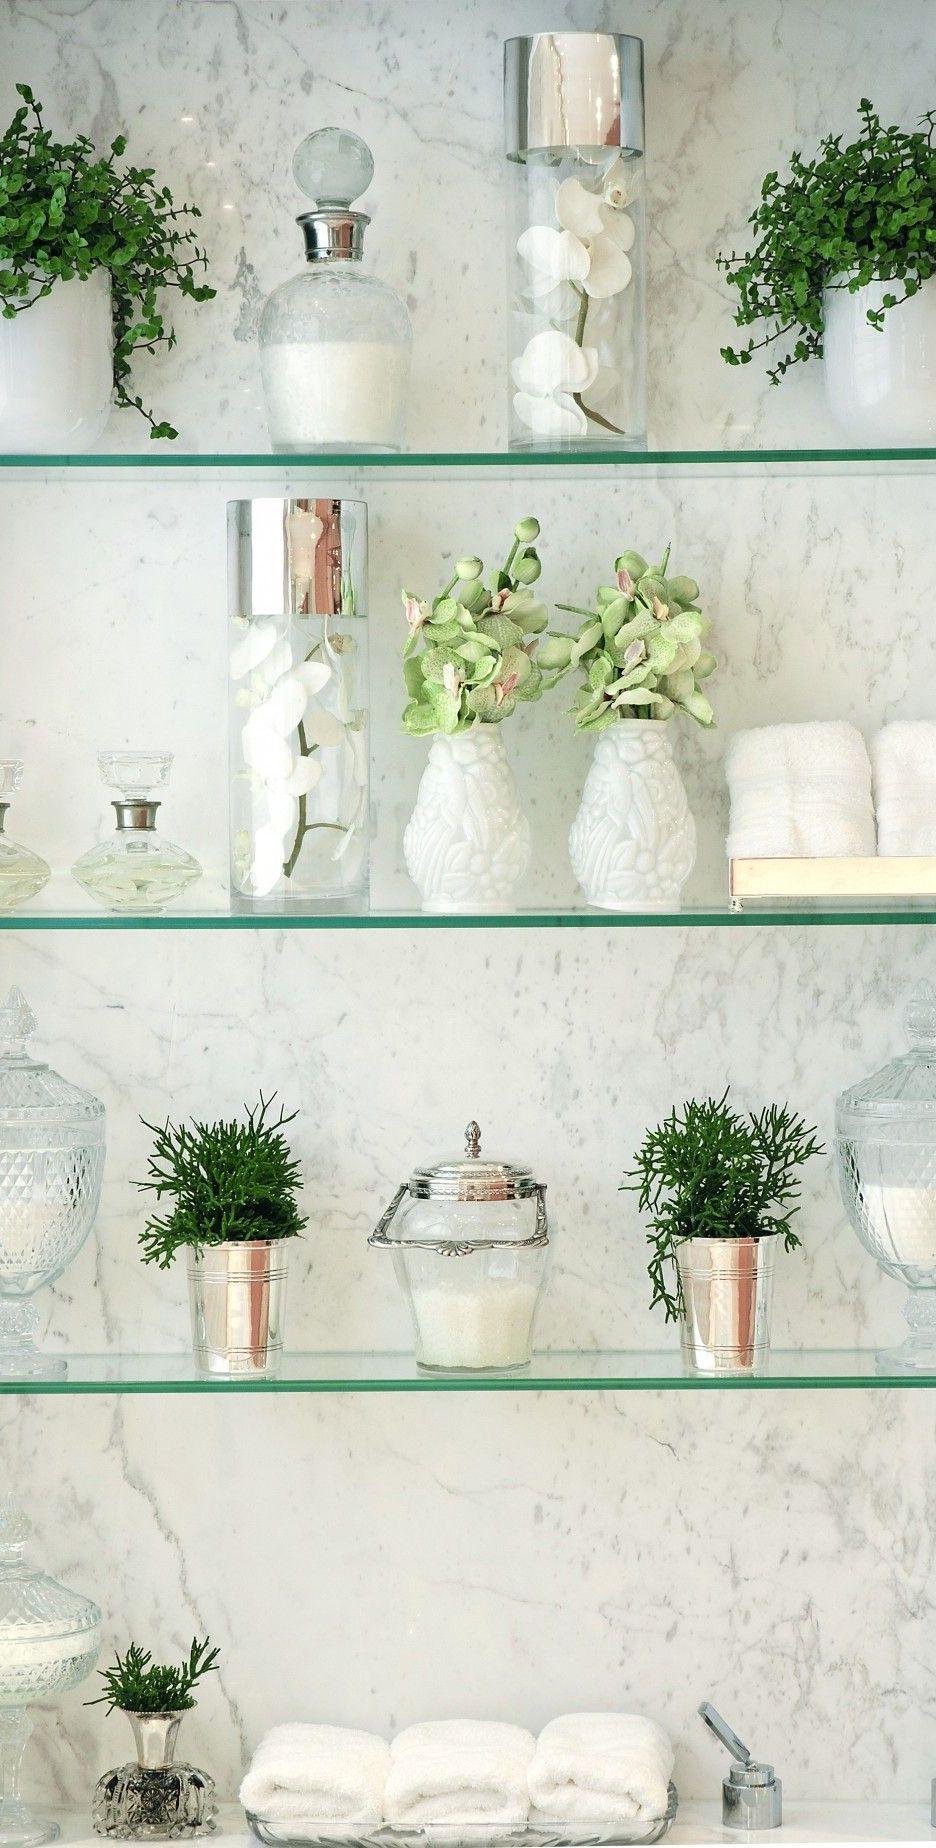 How To Create A Spa Like Bathroom A Step By Step Guide Glass Shelves In Bathroom Glass Shelves Decor Glass Bathroom Shelves